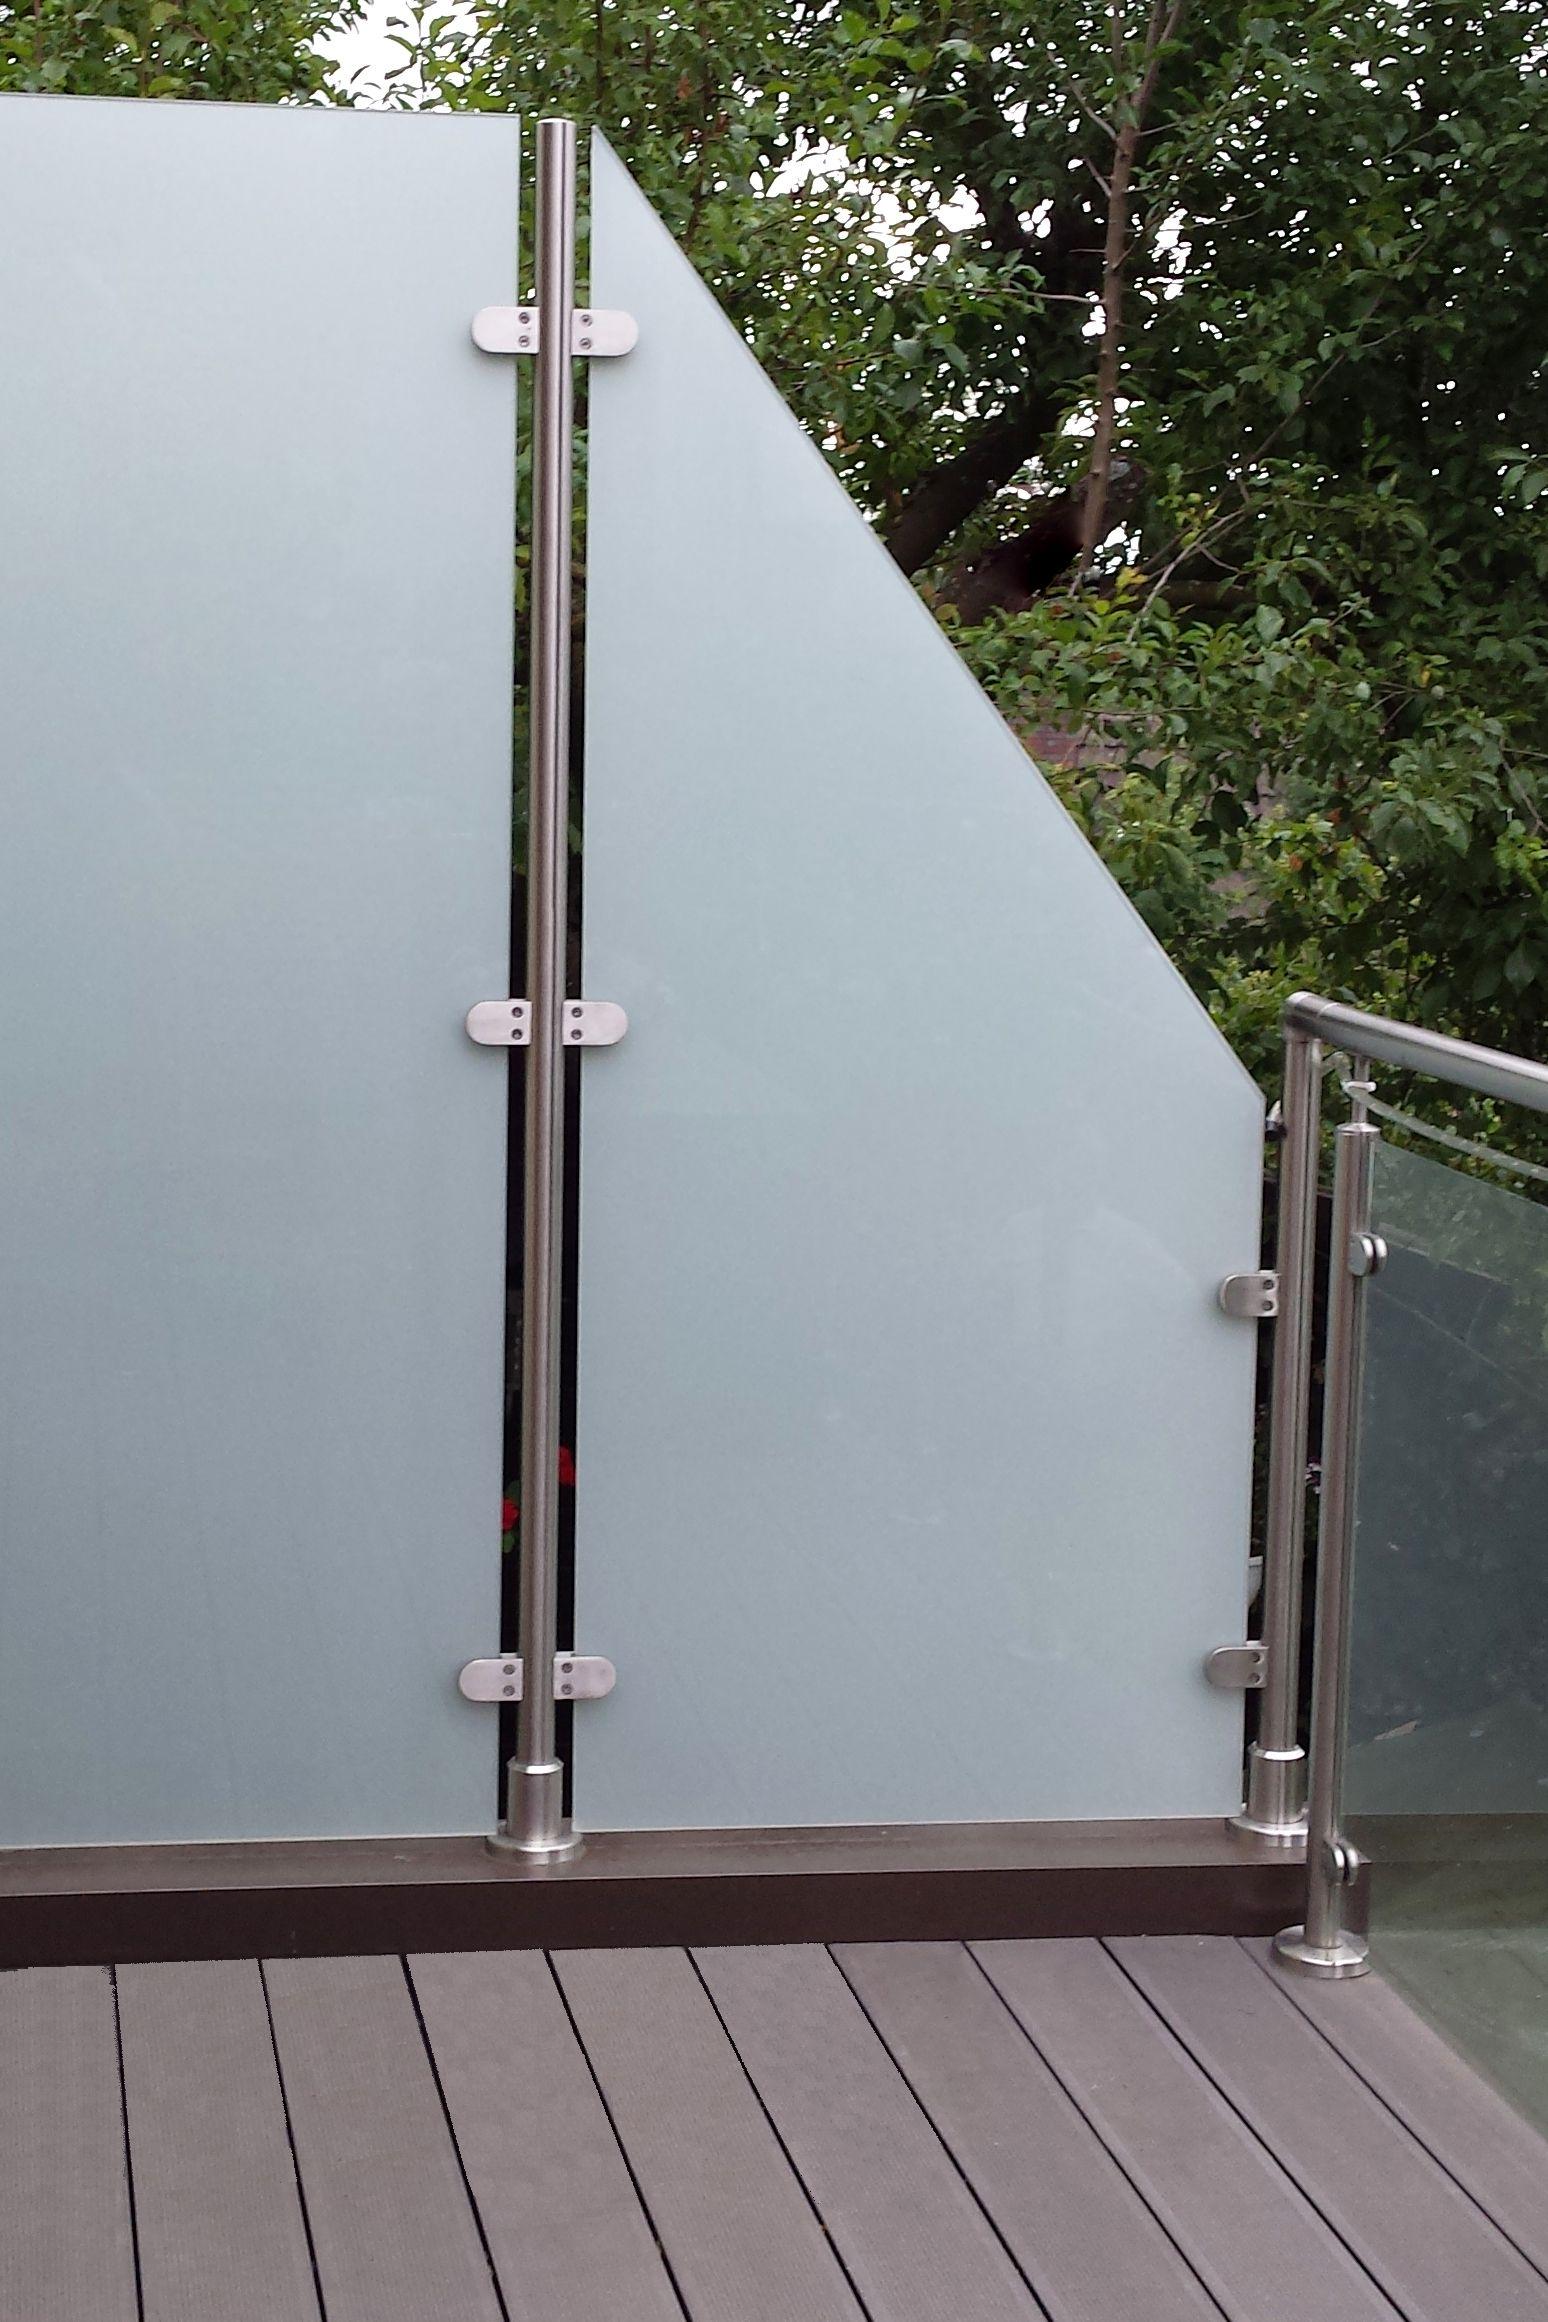 Full Size of Trennwand Balkon Sichtschutz Metall Sondereigentum Plexiglas Ikea Ohne Bohren Garten Glastrennwand Dusche Wohnzimmer Trennwand Balkon